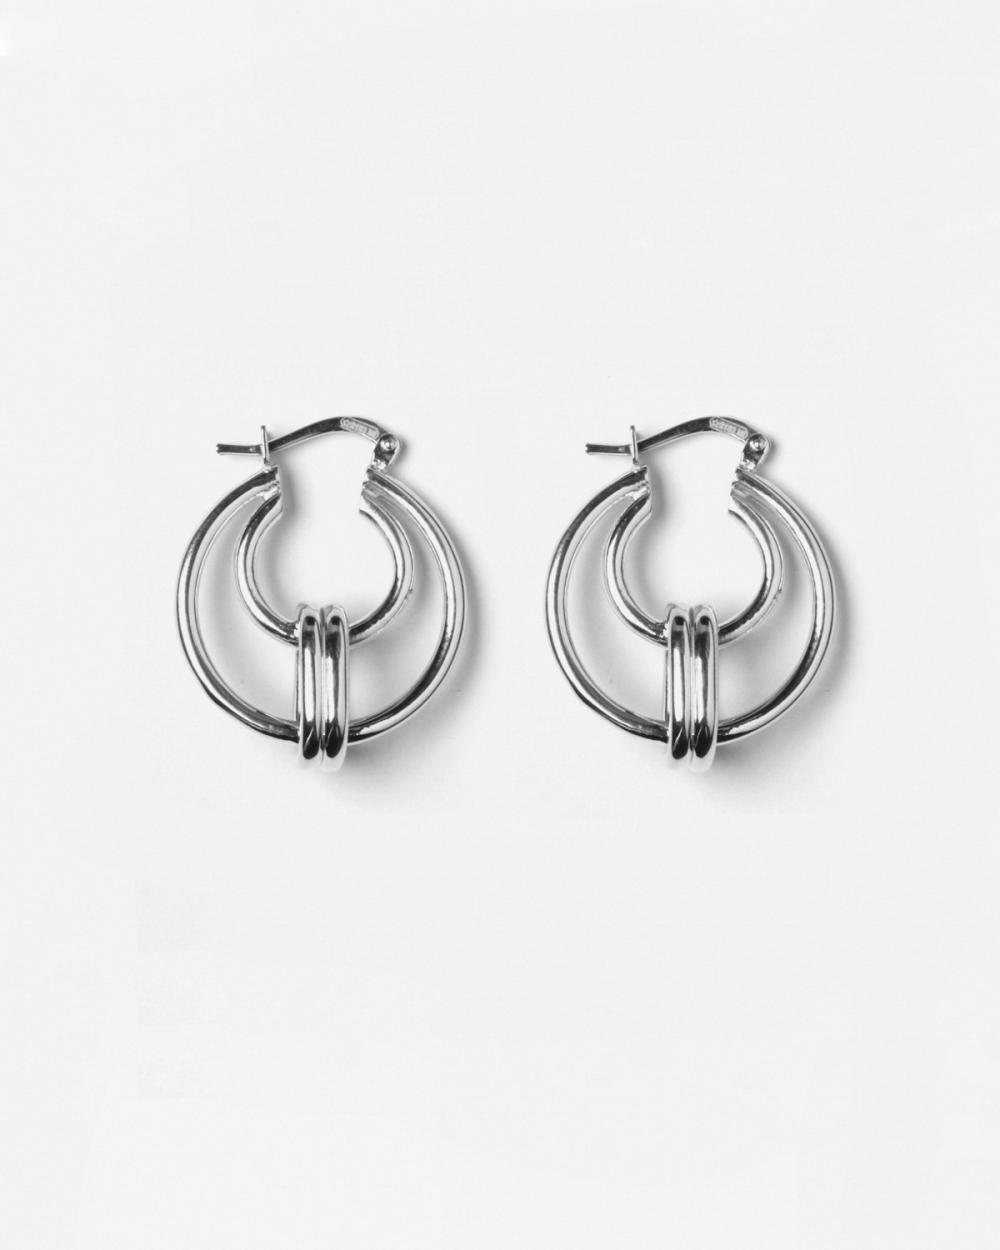 Earrings SILVER THETA EARRINGS NOVE25